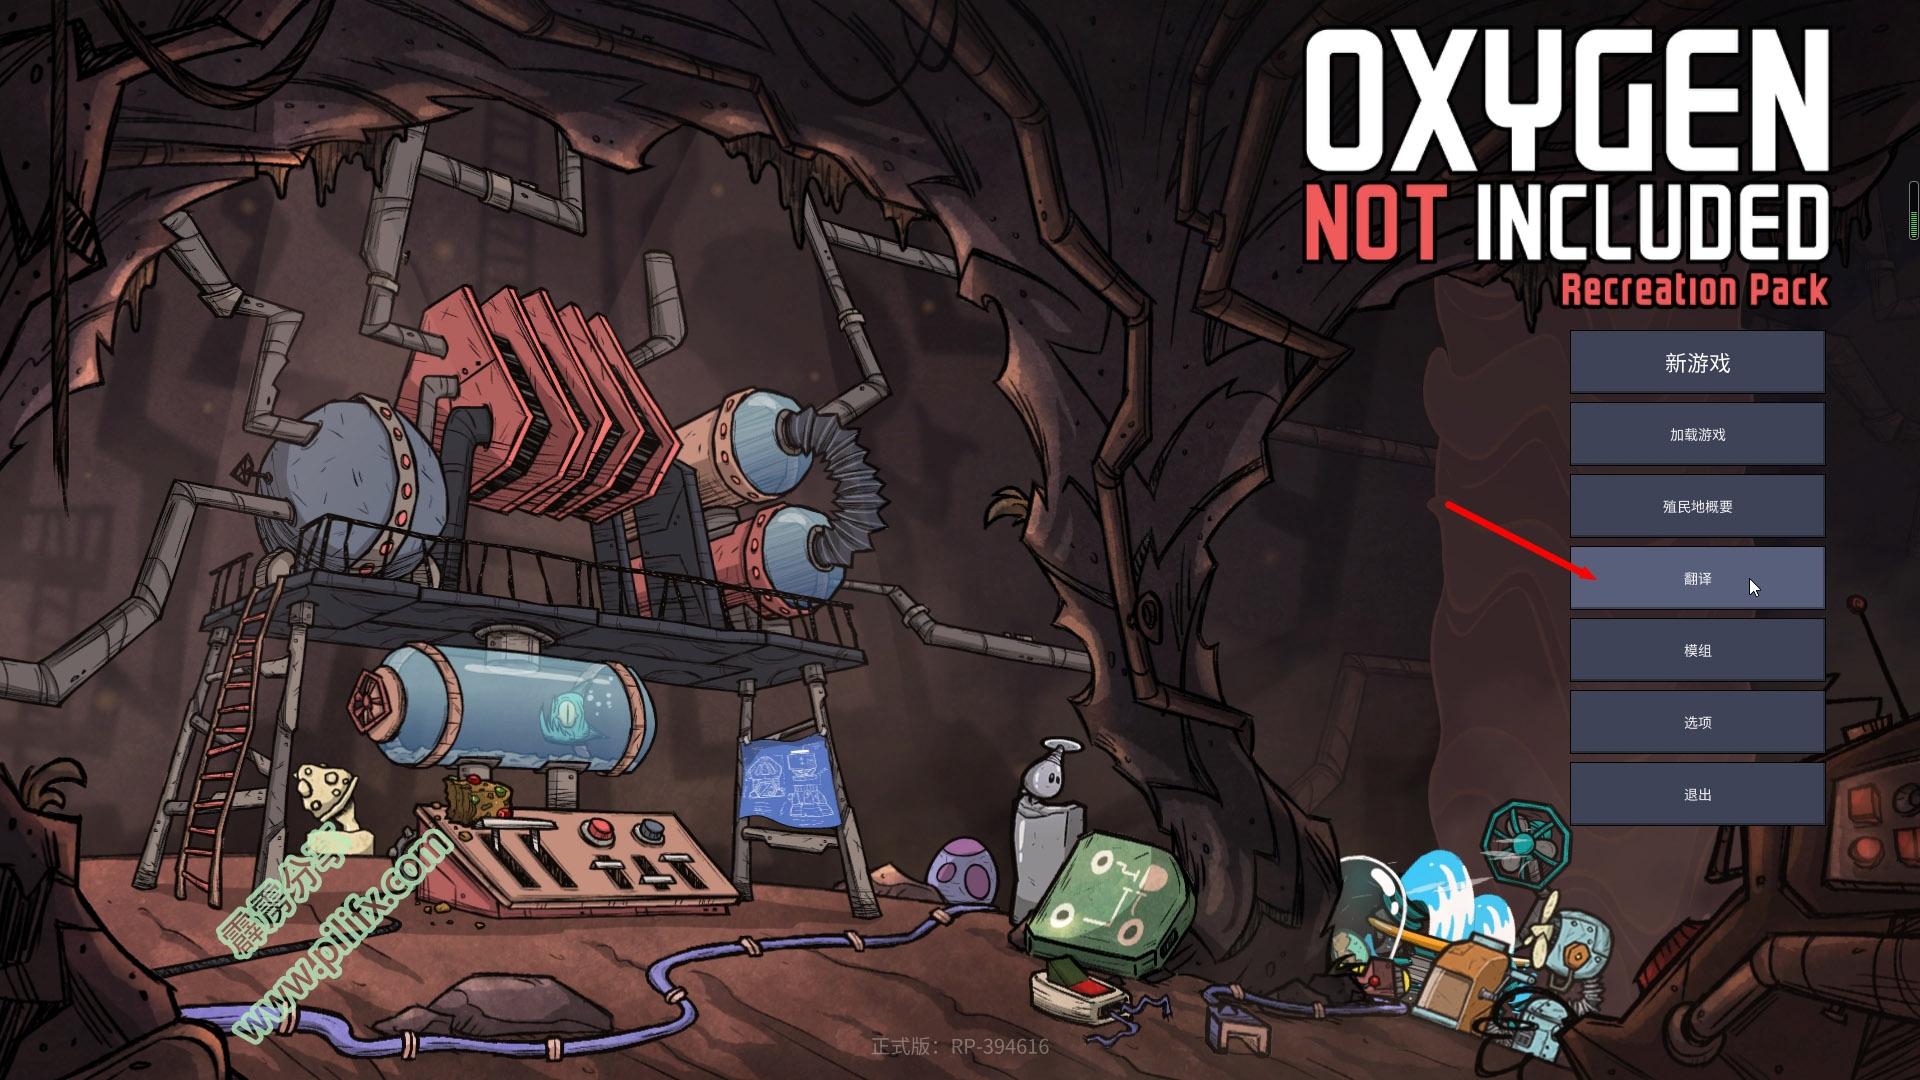 缺氧v442154 知名的模拟经营游戏 更新版本